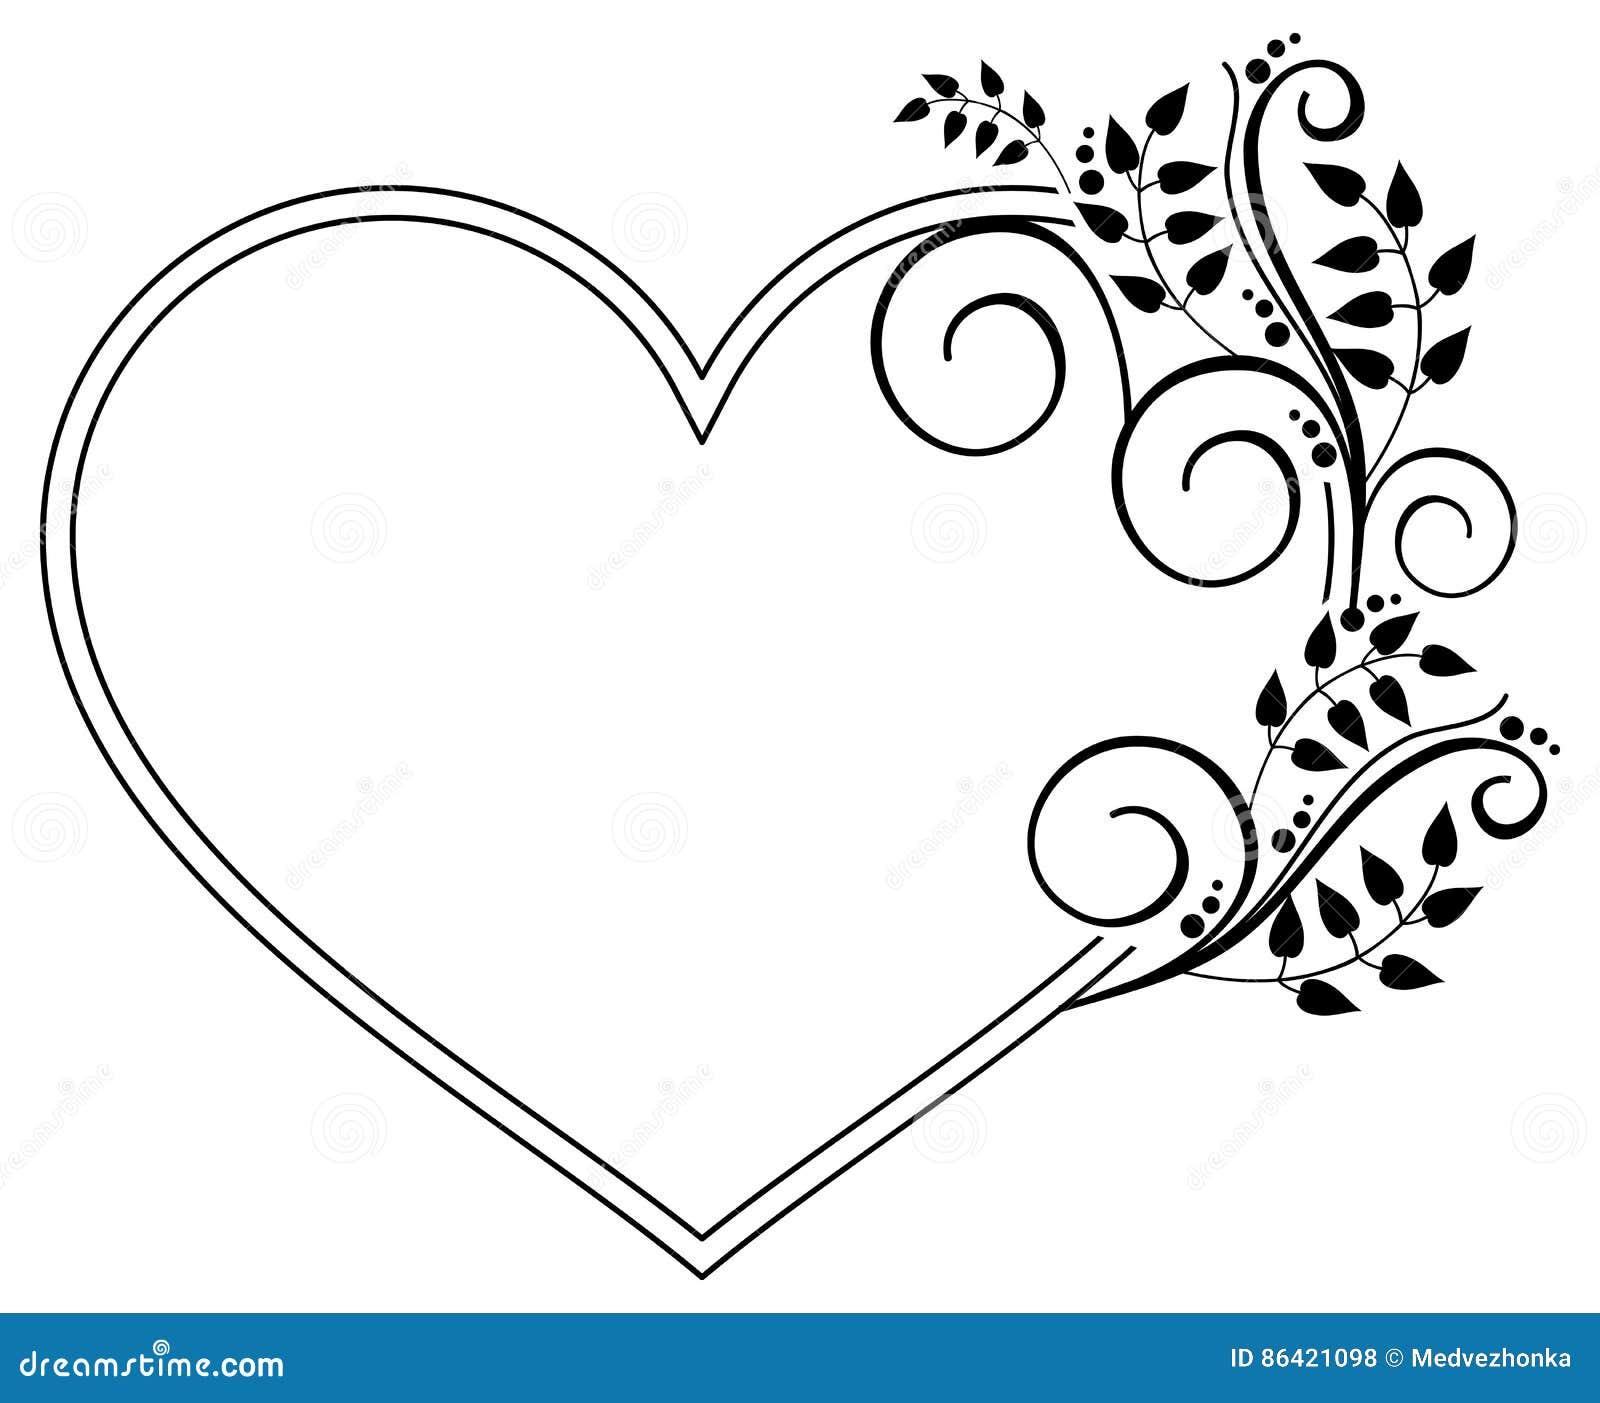 cadre noir et blanc en forme de coeur avec les silhouettes florales rast illustration stock. Black Bedroom Furniture Sets. Home Design Ideas